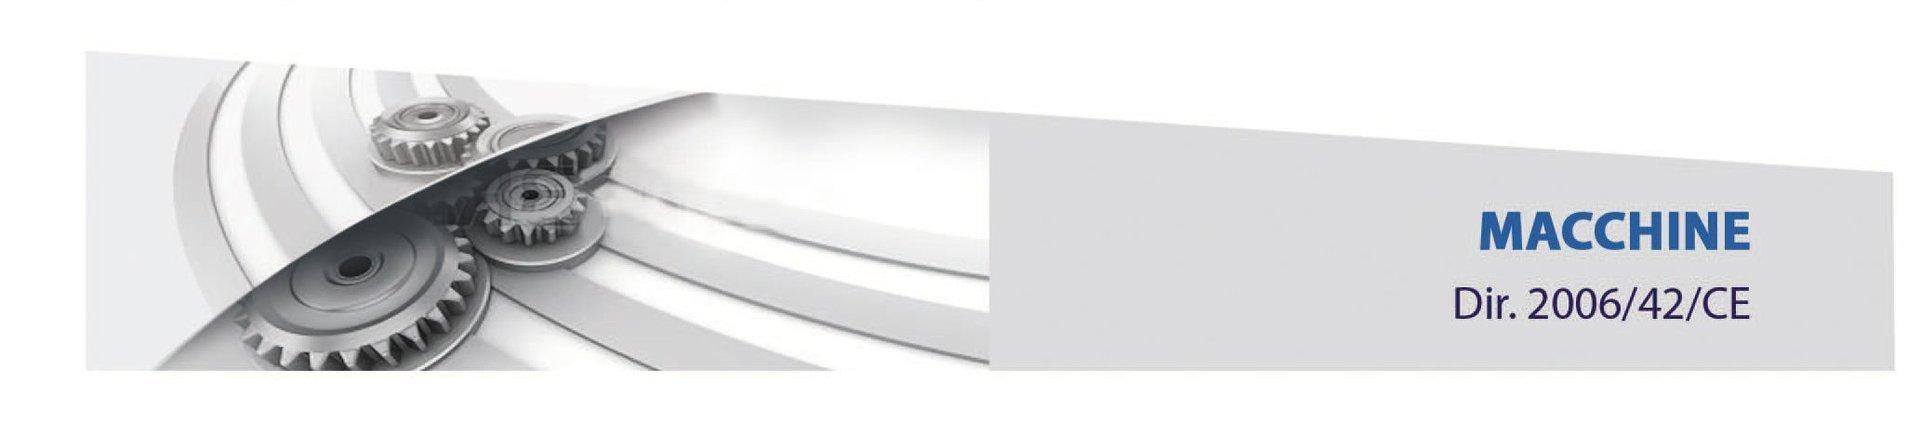 Certificazione di Prodotto - Macchine